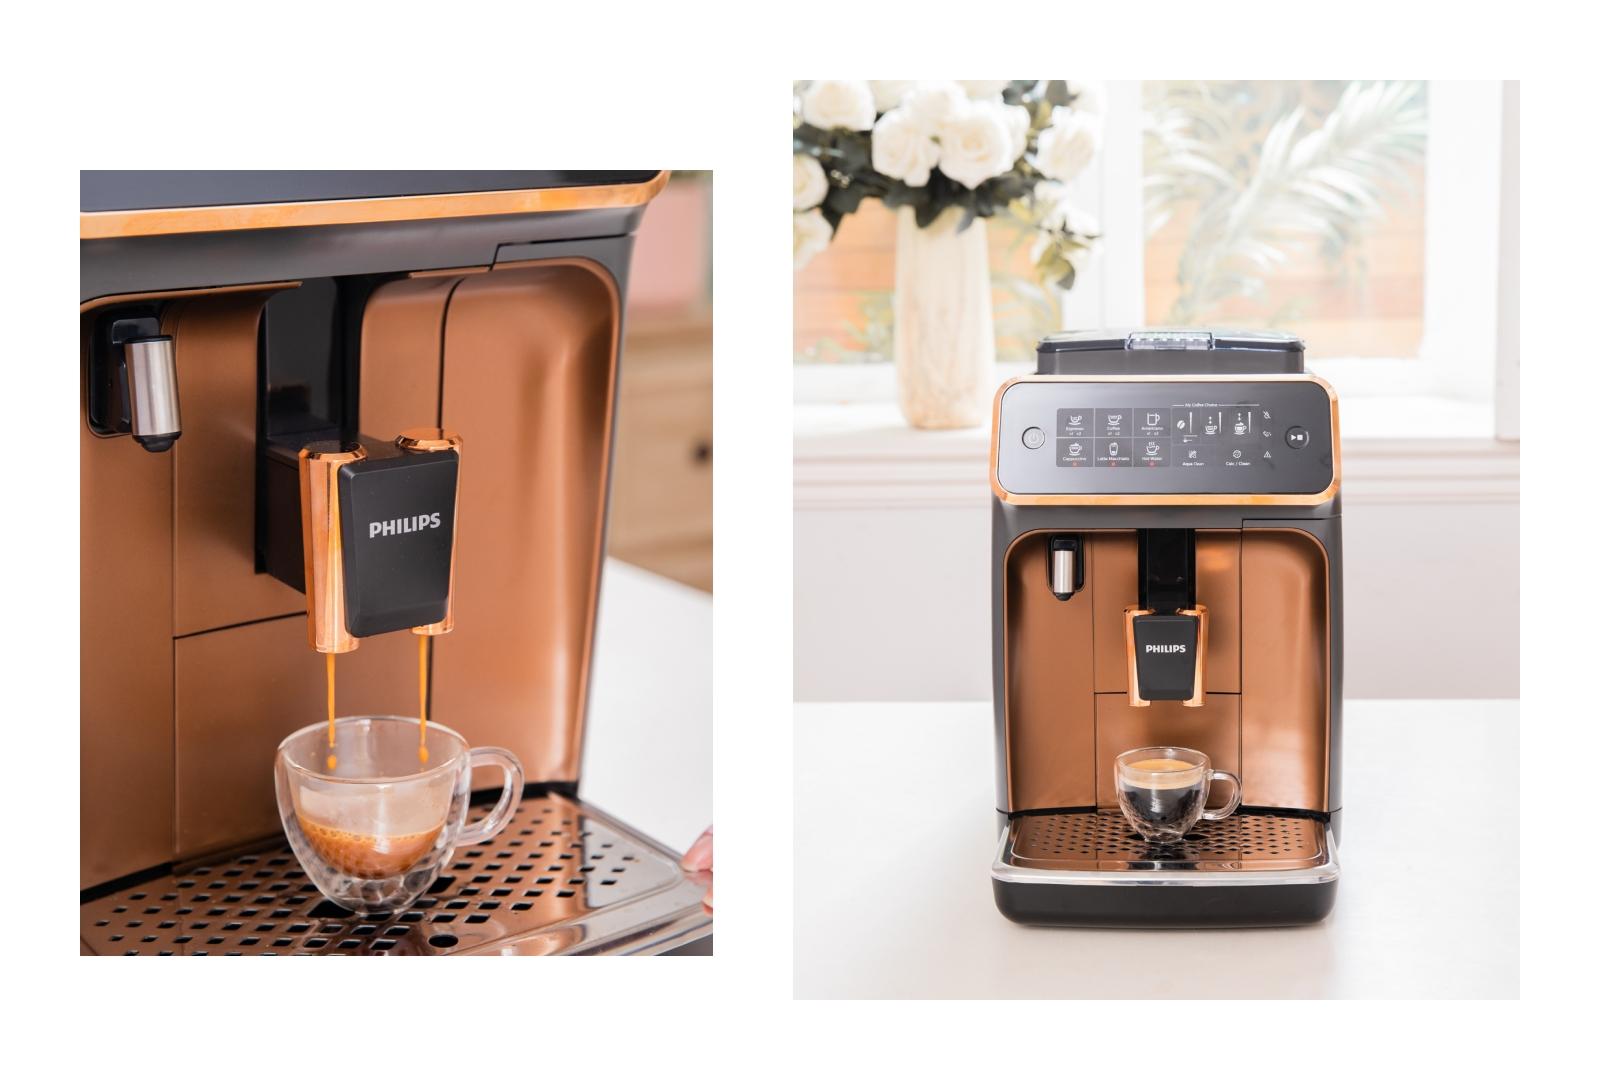 飛利浦全自動義式咖啡機 LatteGo EP3246 無管線雲朵拿鐵咖啡機 一鍵享受綿密奶泡咖啡